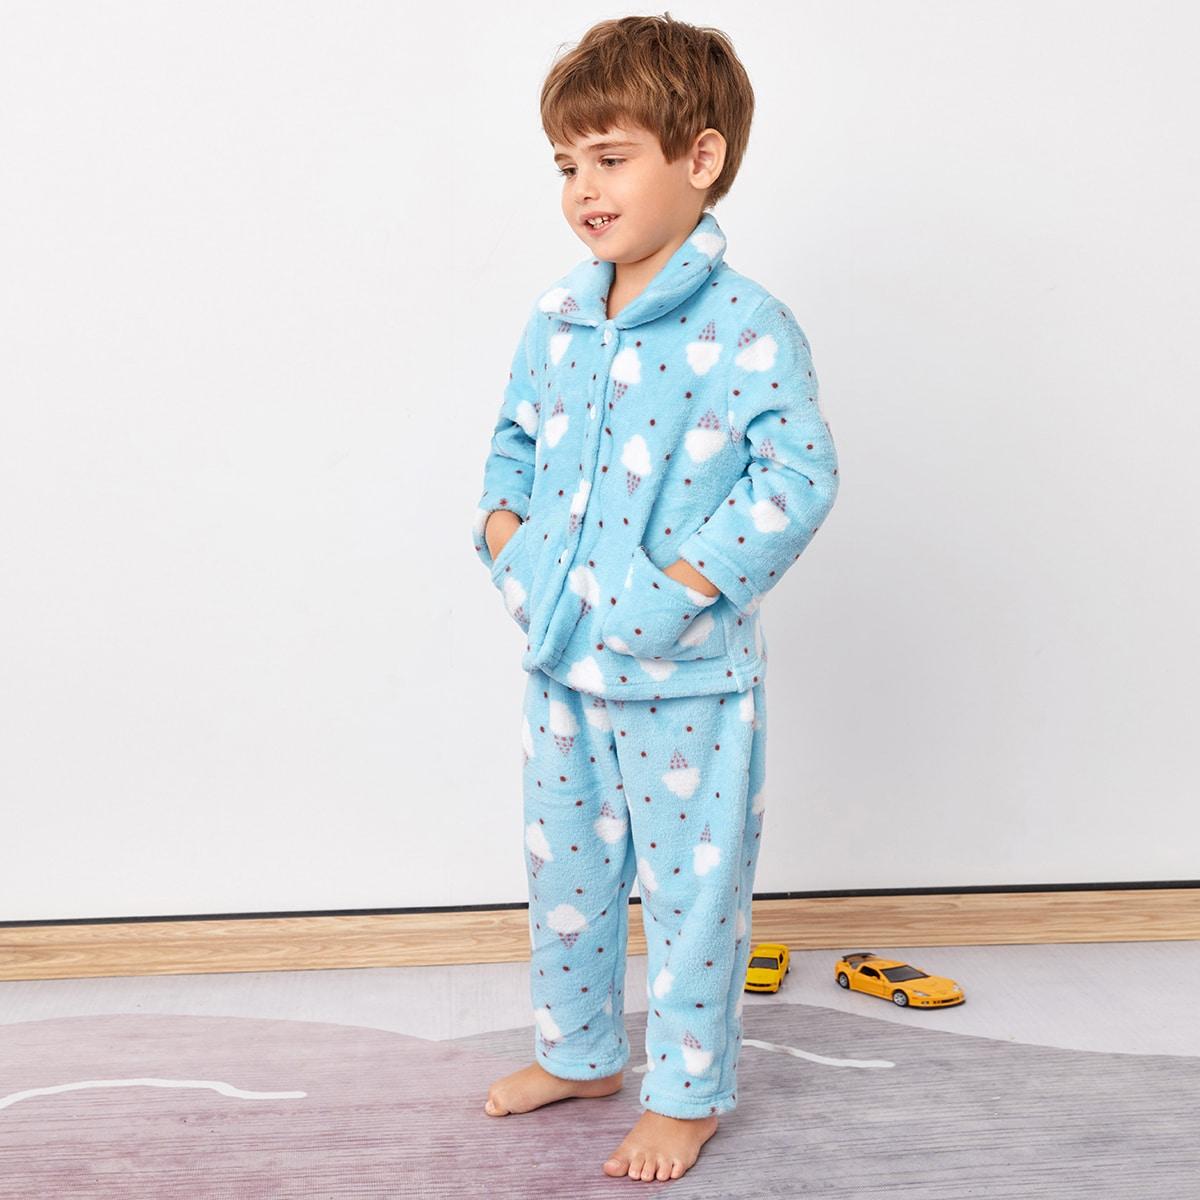 Плюшевая пижама в горошек с принтом мороженого для мальчиков